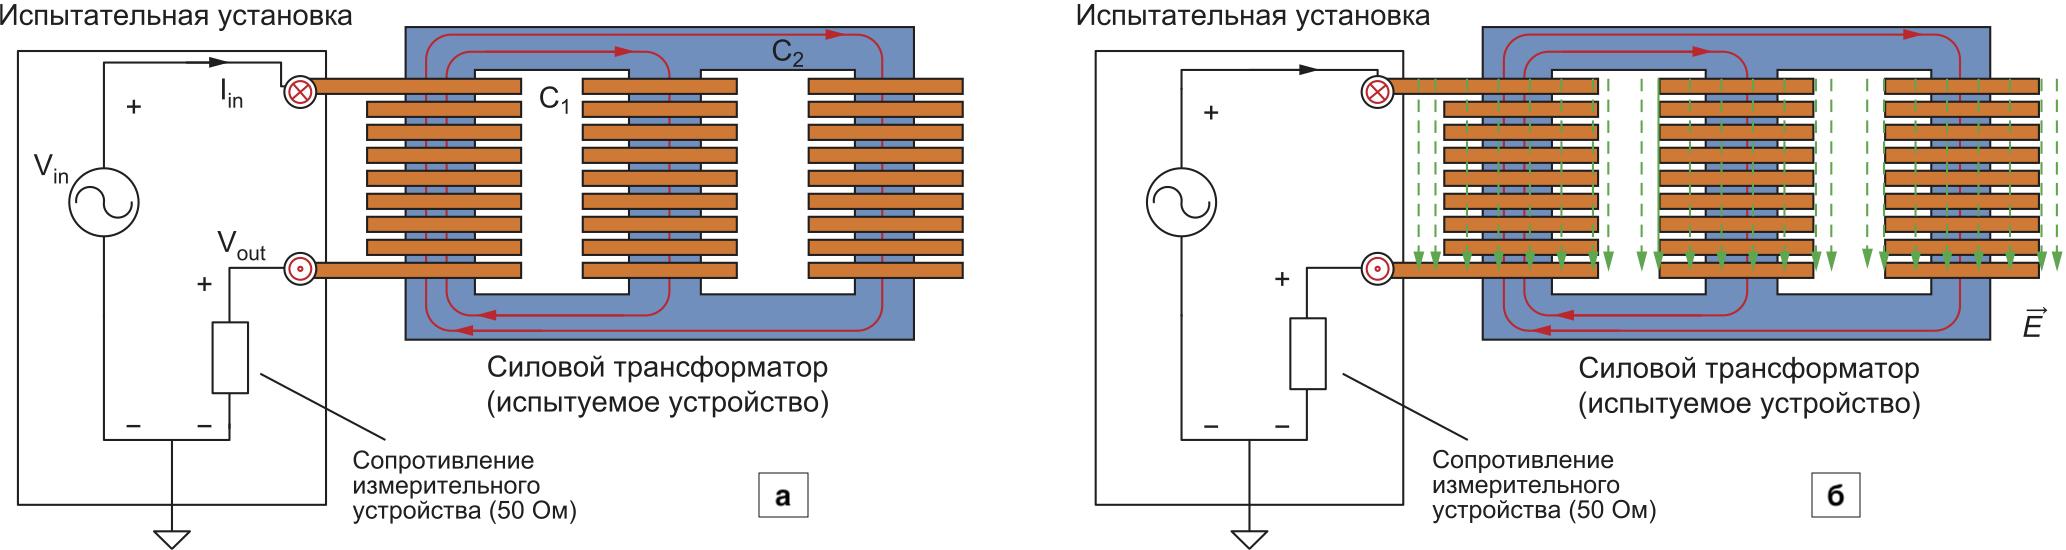 Распределение электромагнитного поля: а) в низкочастотной части спектра частотного диапазона (магнитное поле сконцентрировано в основном в сердечнике); б) в среднечастотной области (электрическое поле в основном распределено вдоль обмоток)